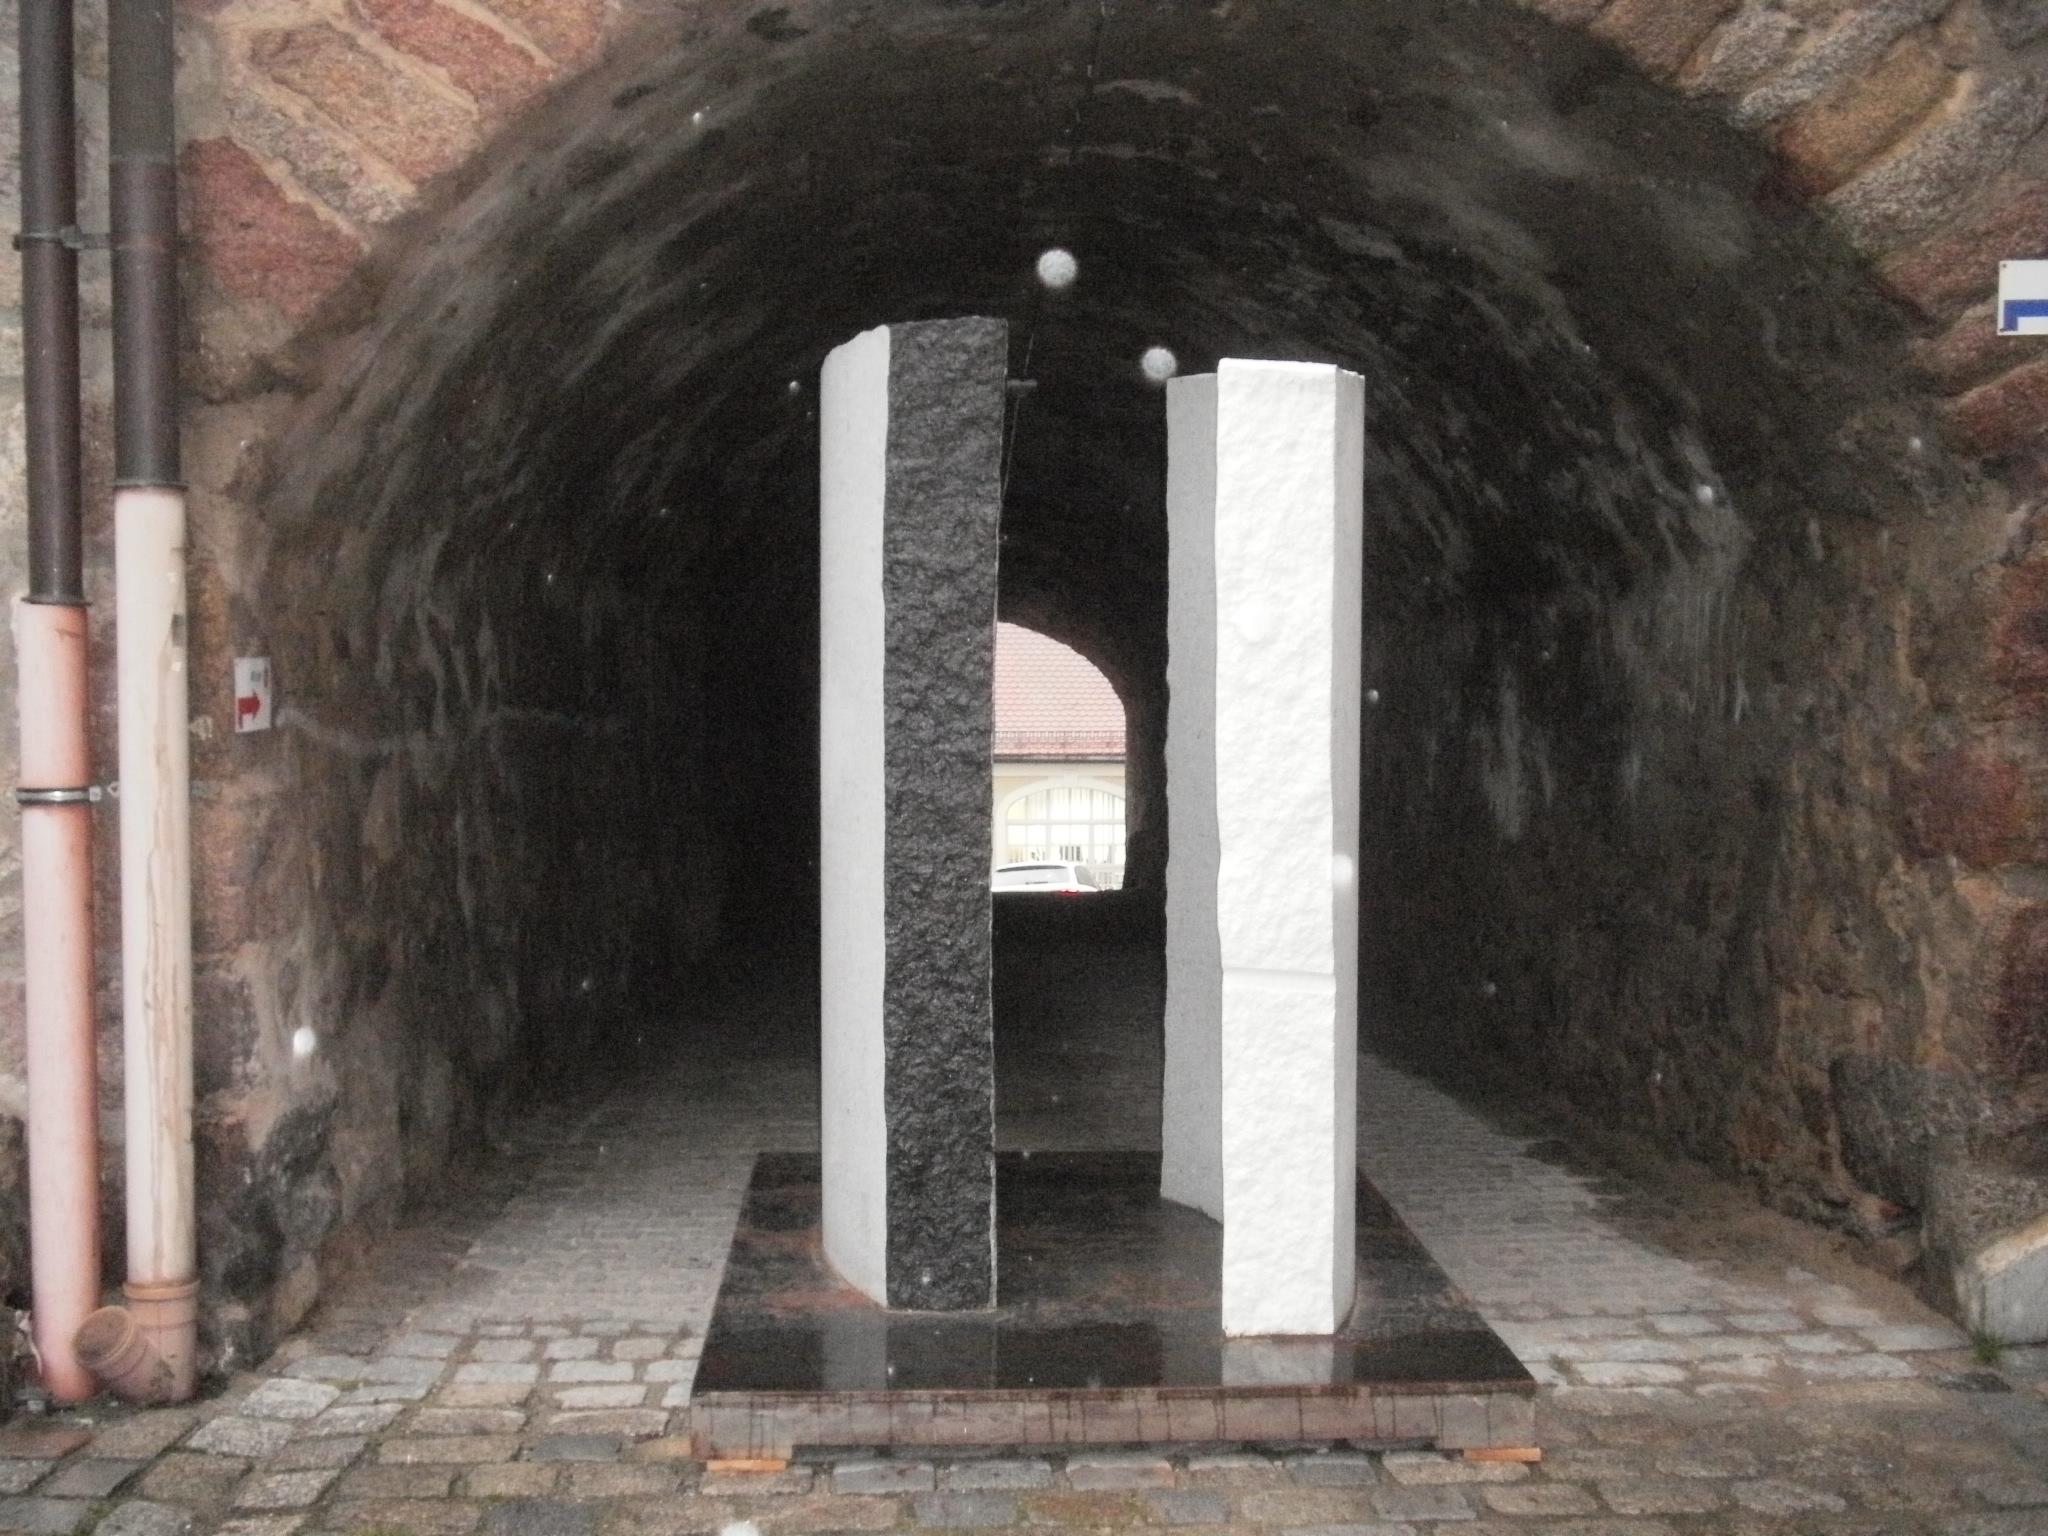 """Ein Gesamtgewicht von rund drei Tonnen bringt die Granit-Stahl-Konstruktion """"Kapelle für eilige Passanten"""" von Vaclav Fiala auf die Waage!"""